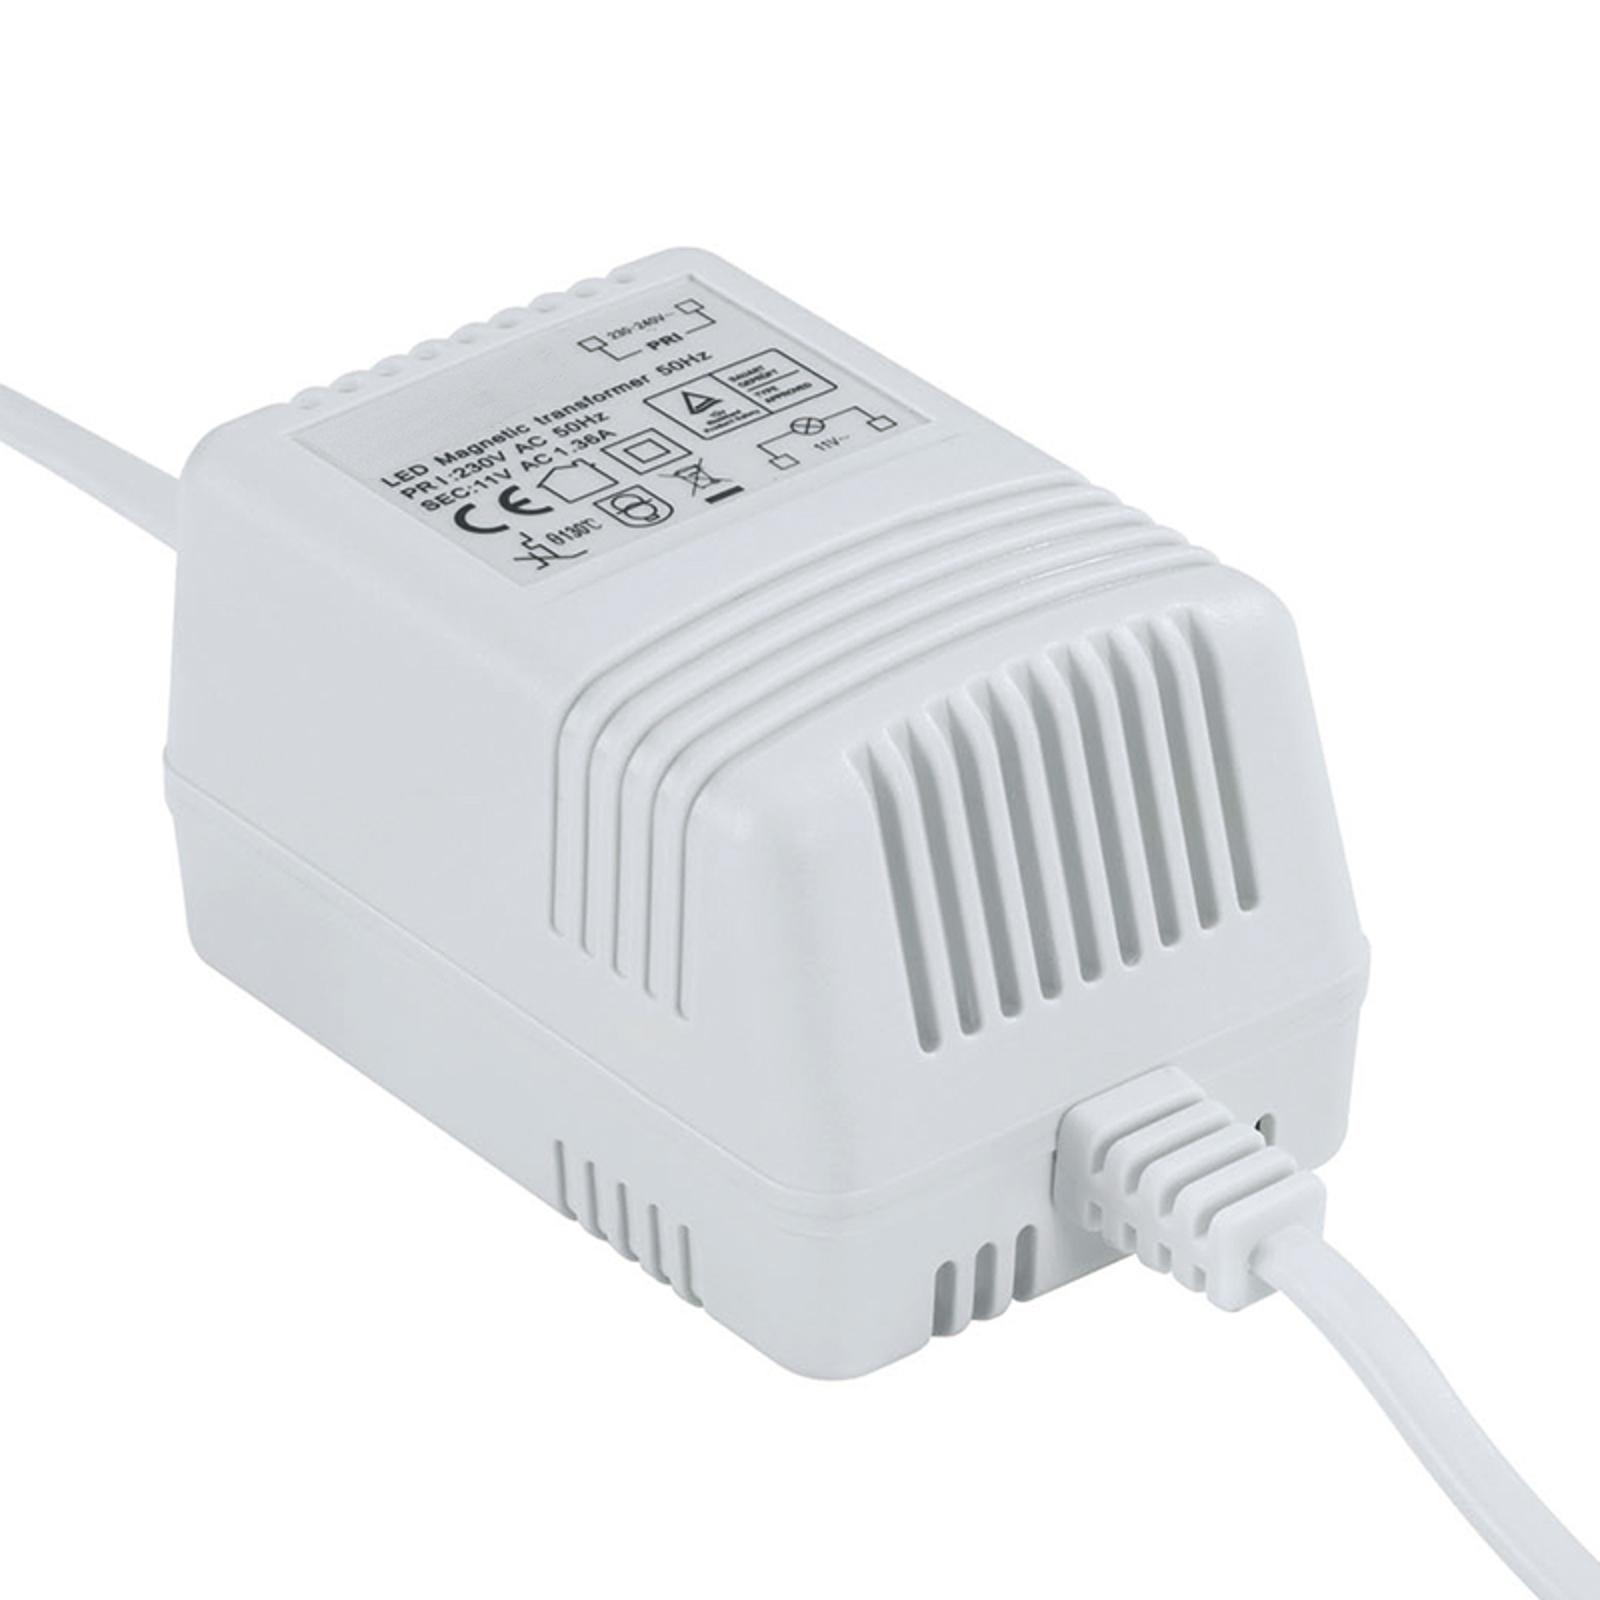 Paulmann LED Treiber Power Supply 230/12V AC 20W